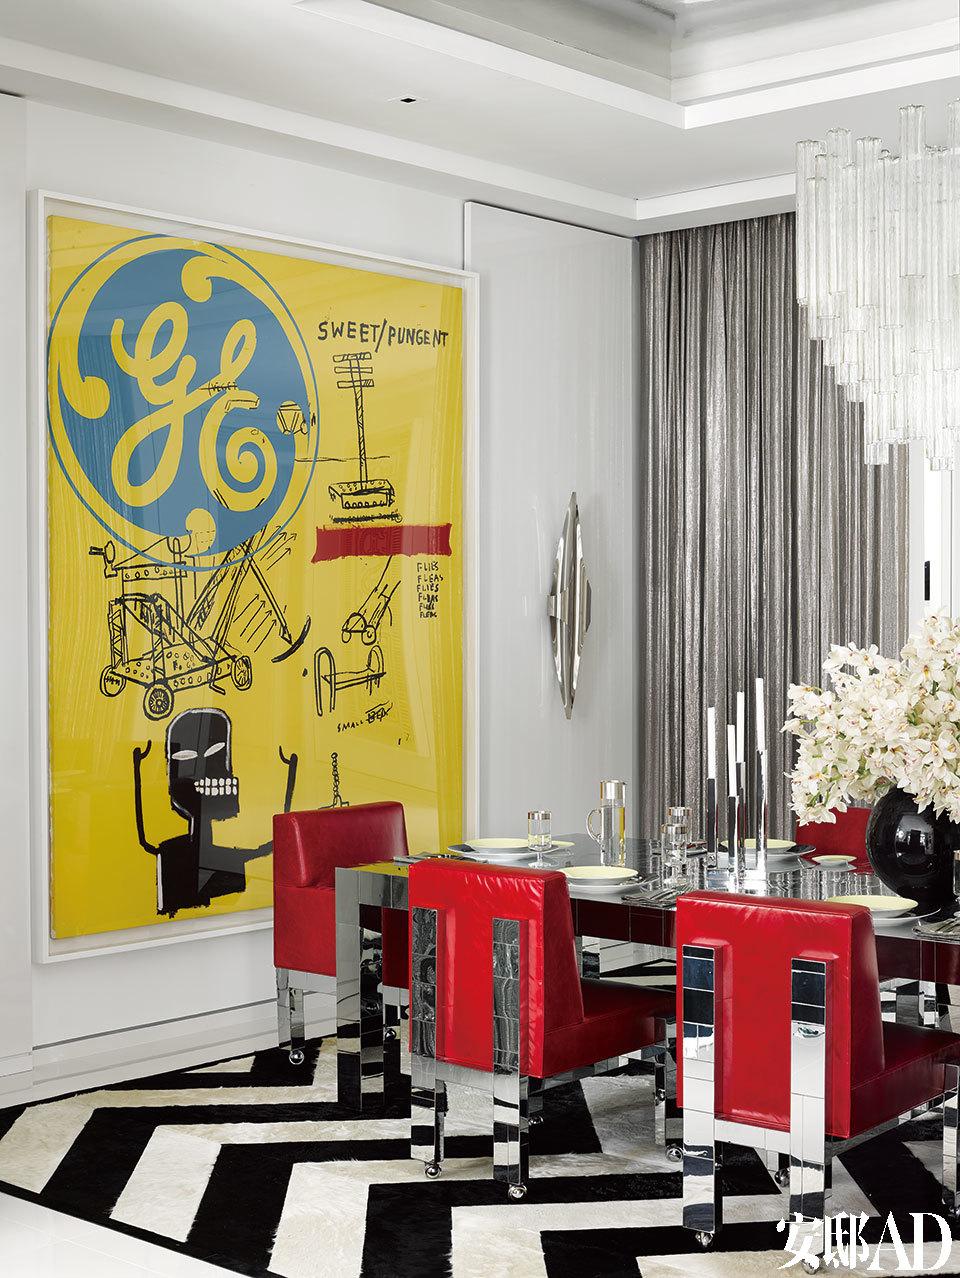 黑白条纹交织的地板为整个空间带来一股魔幻感,墙上的大型画作则阐明了这个大宅的艺术主题。另一幅Andy Warhol和Jean-Michel Basquiat合作的画作成为餐厅的主要装饰。老式Craig Van Den Brulle椅子和配套的餐桌均由Paul Evans设计。定制的地毯来自Kyle Bunting。